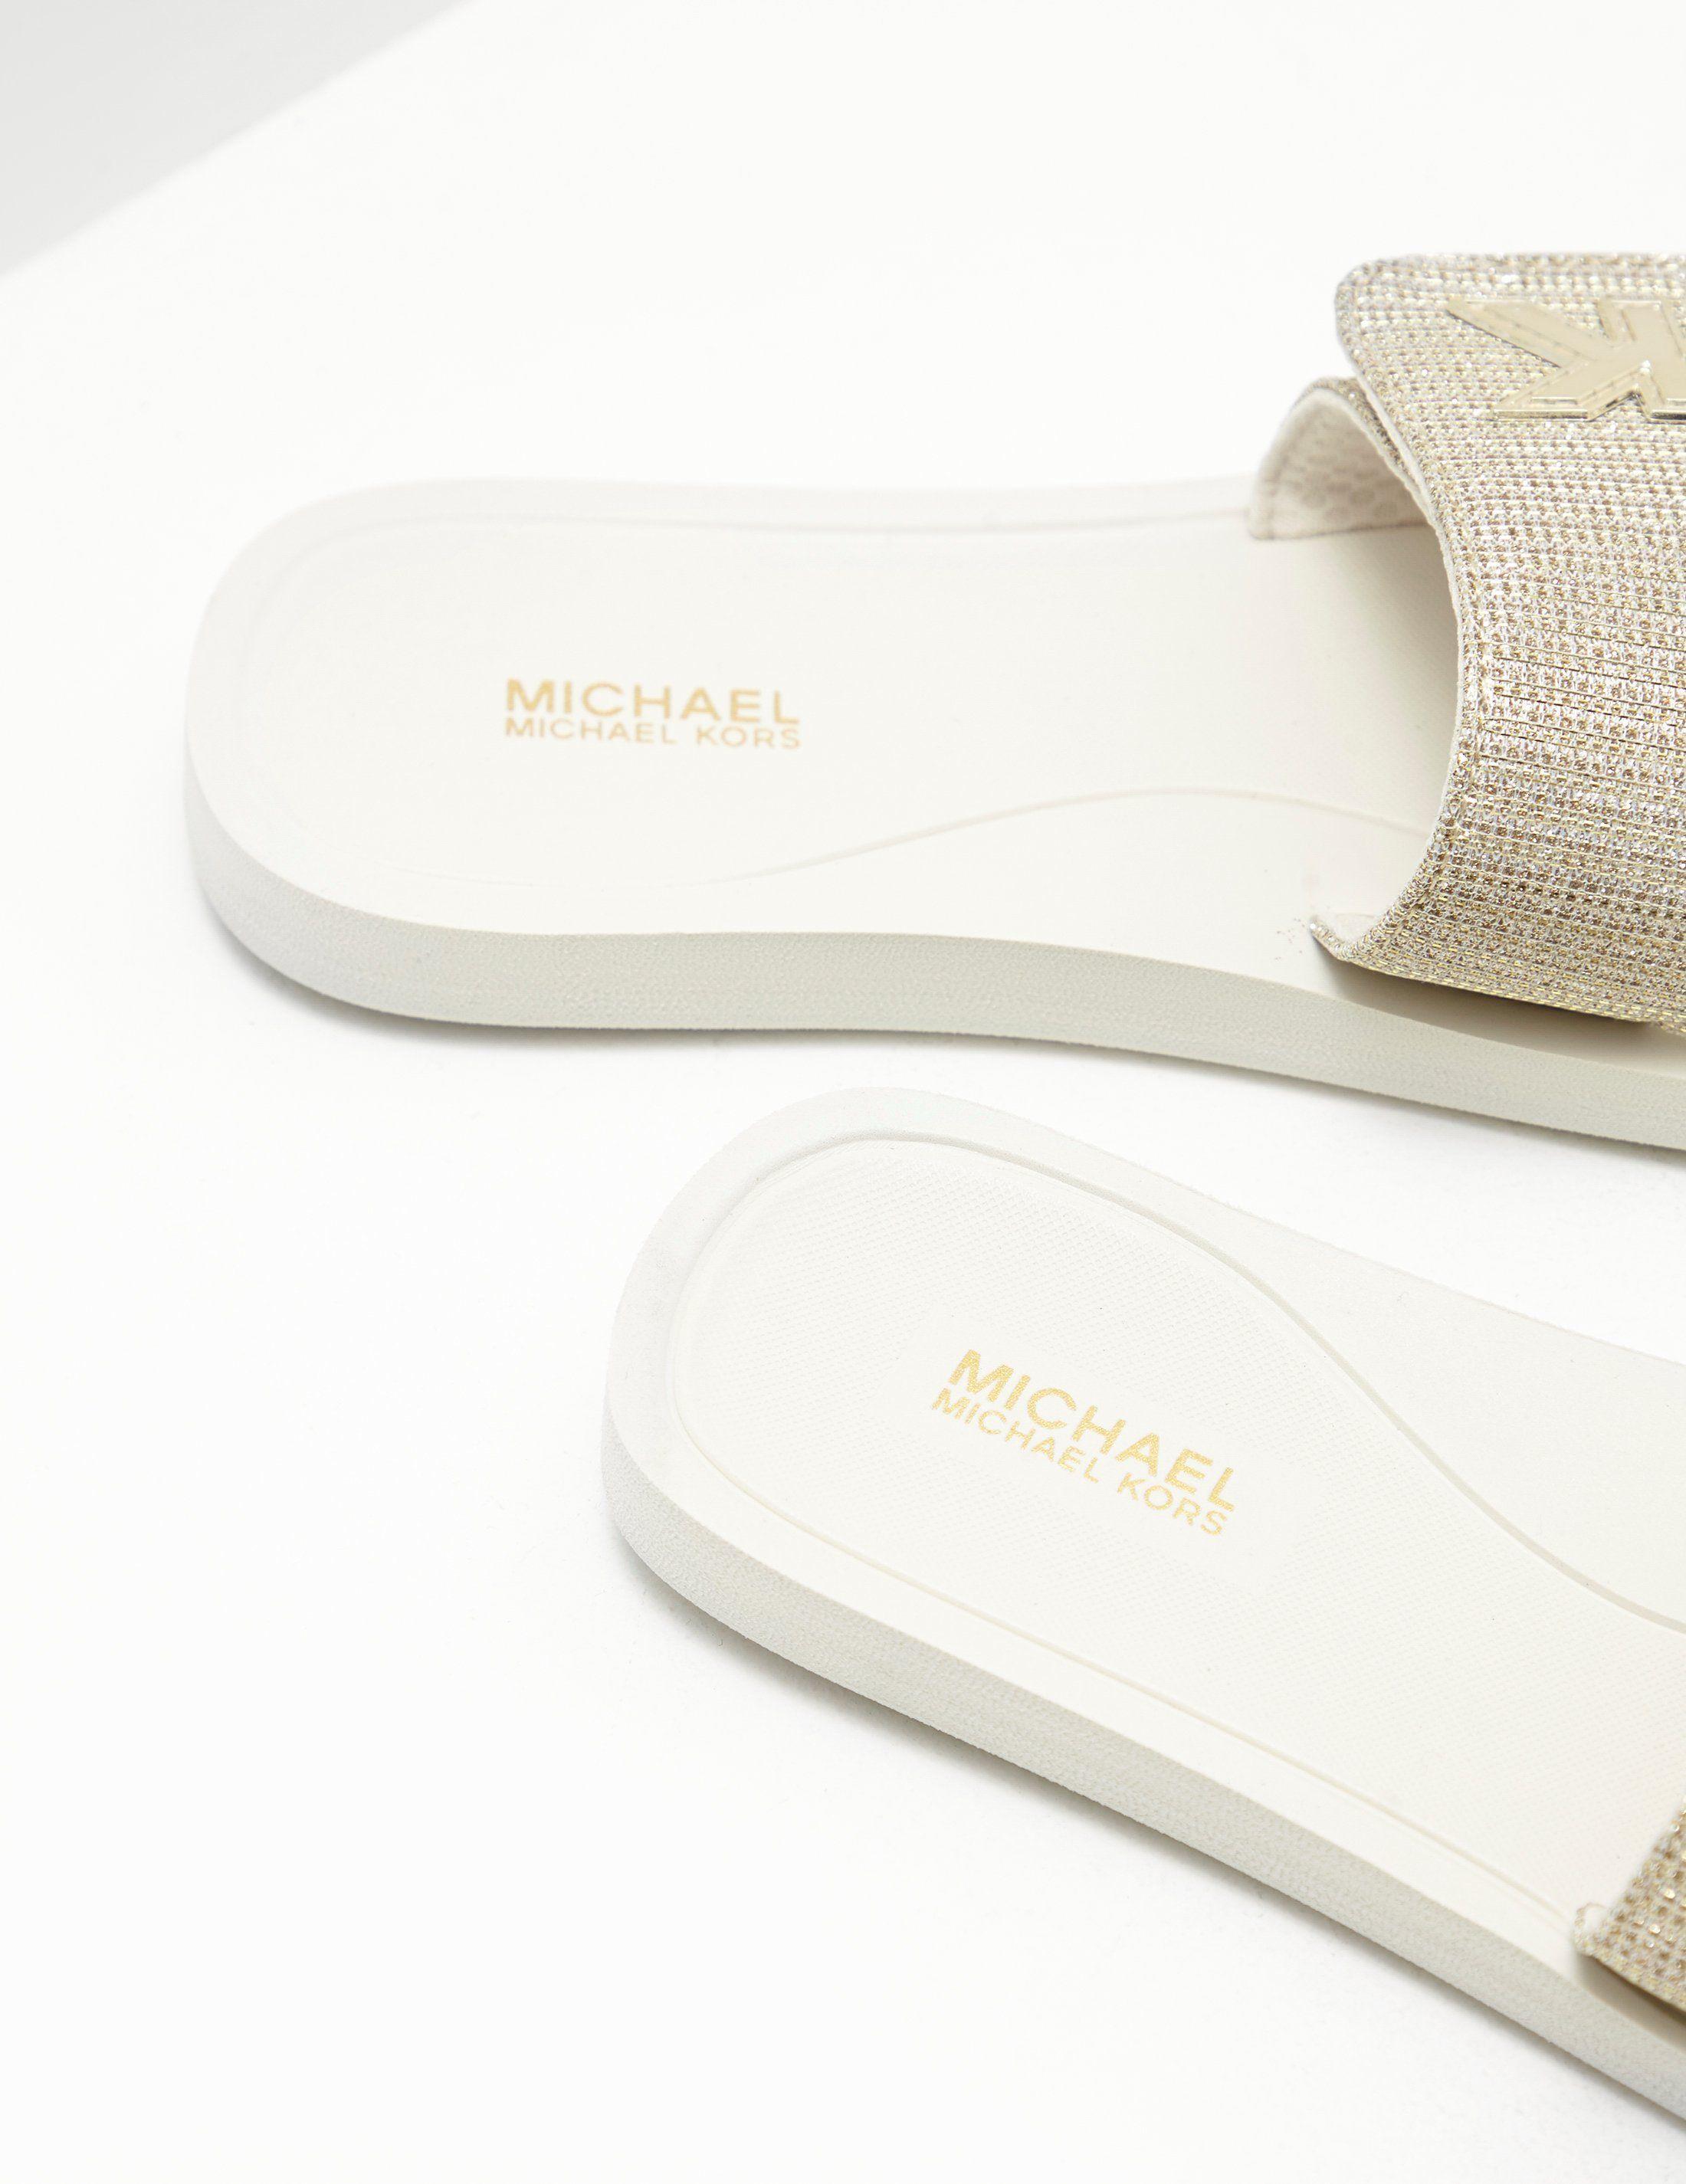 Michael Kors Slides